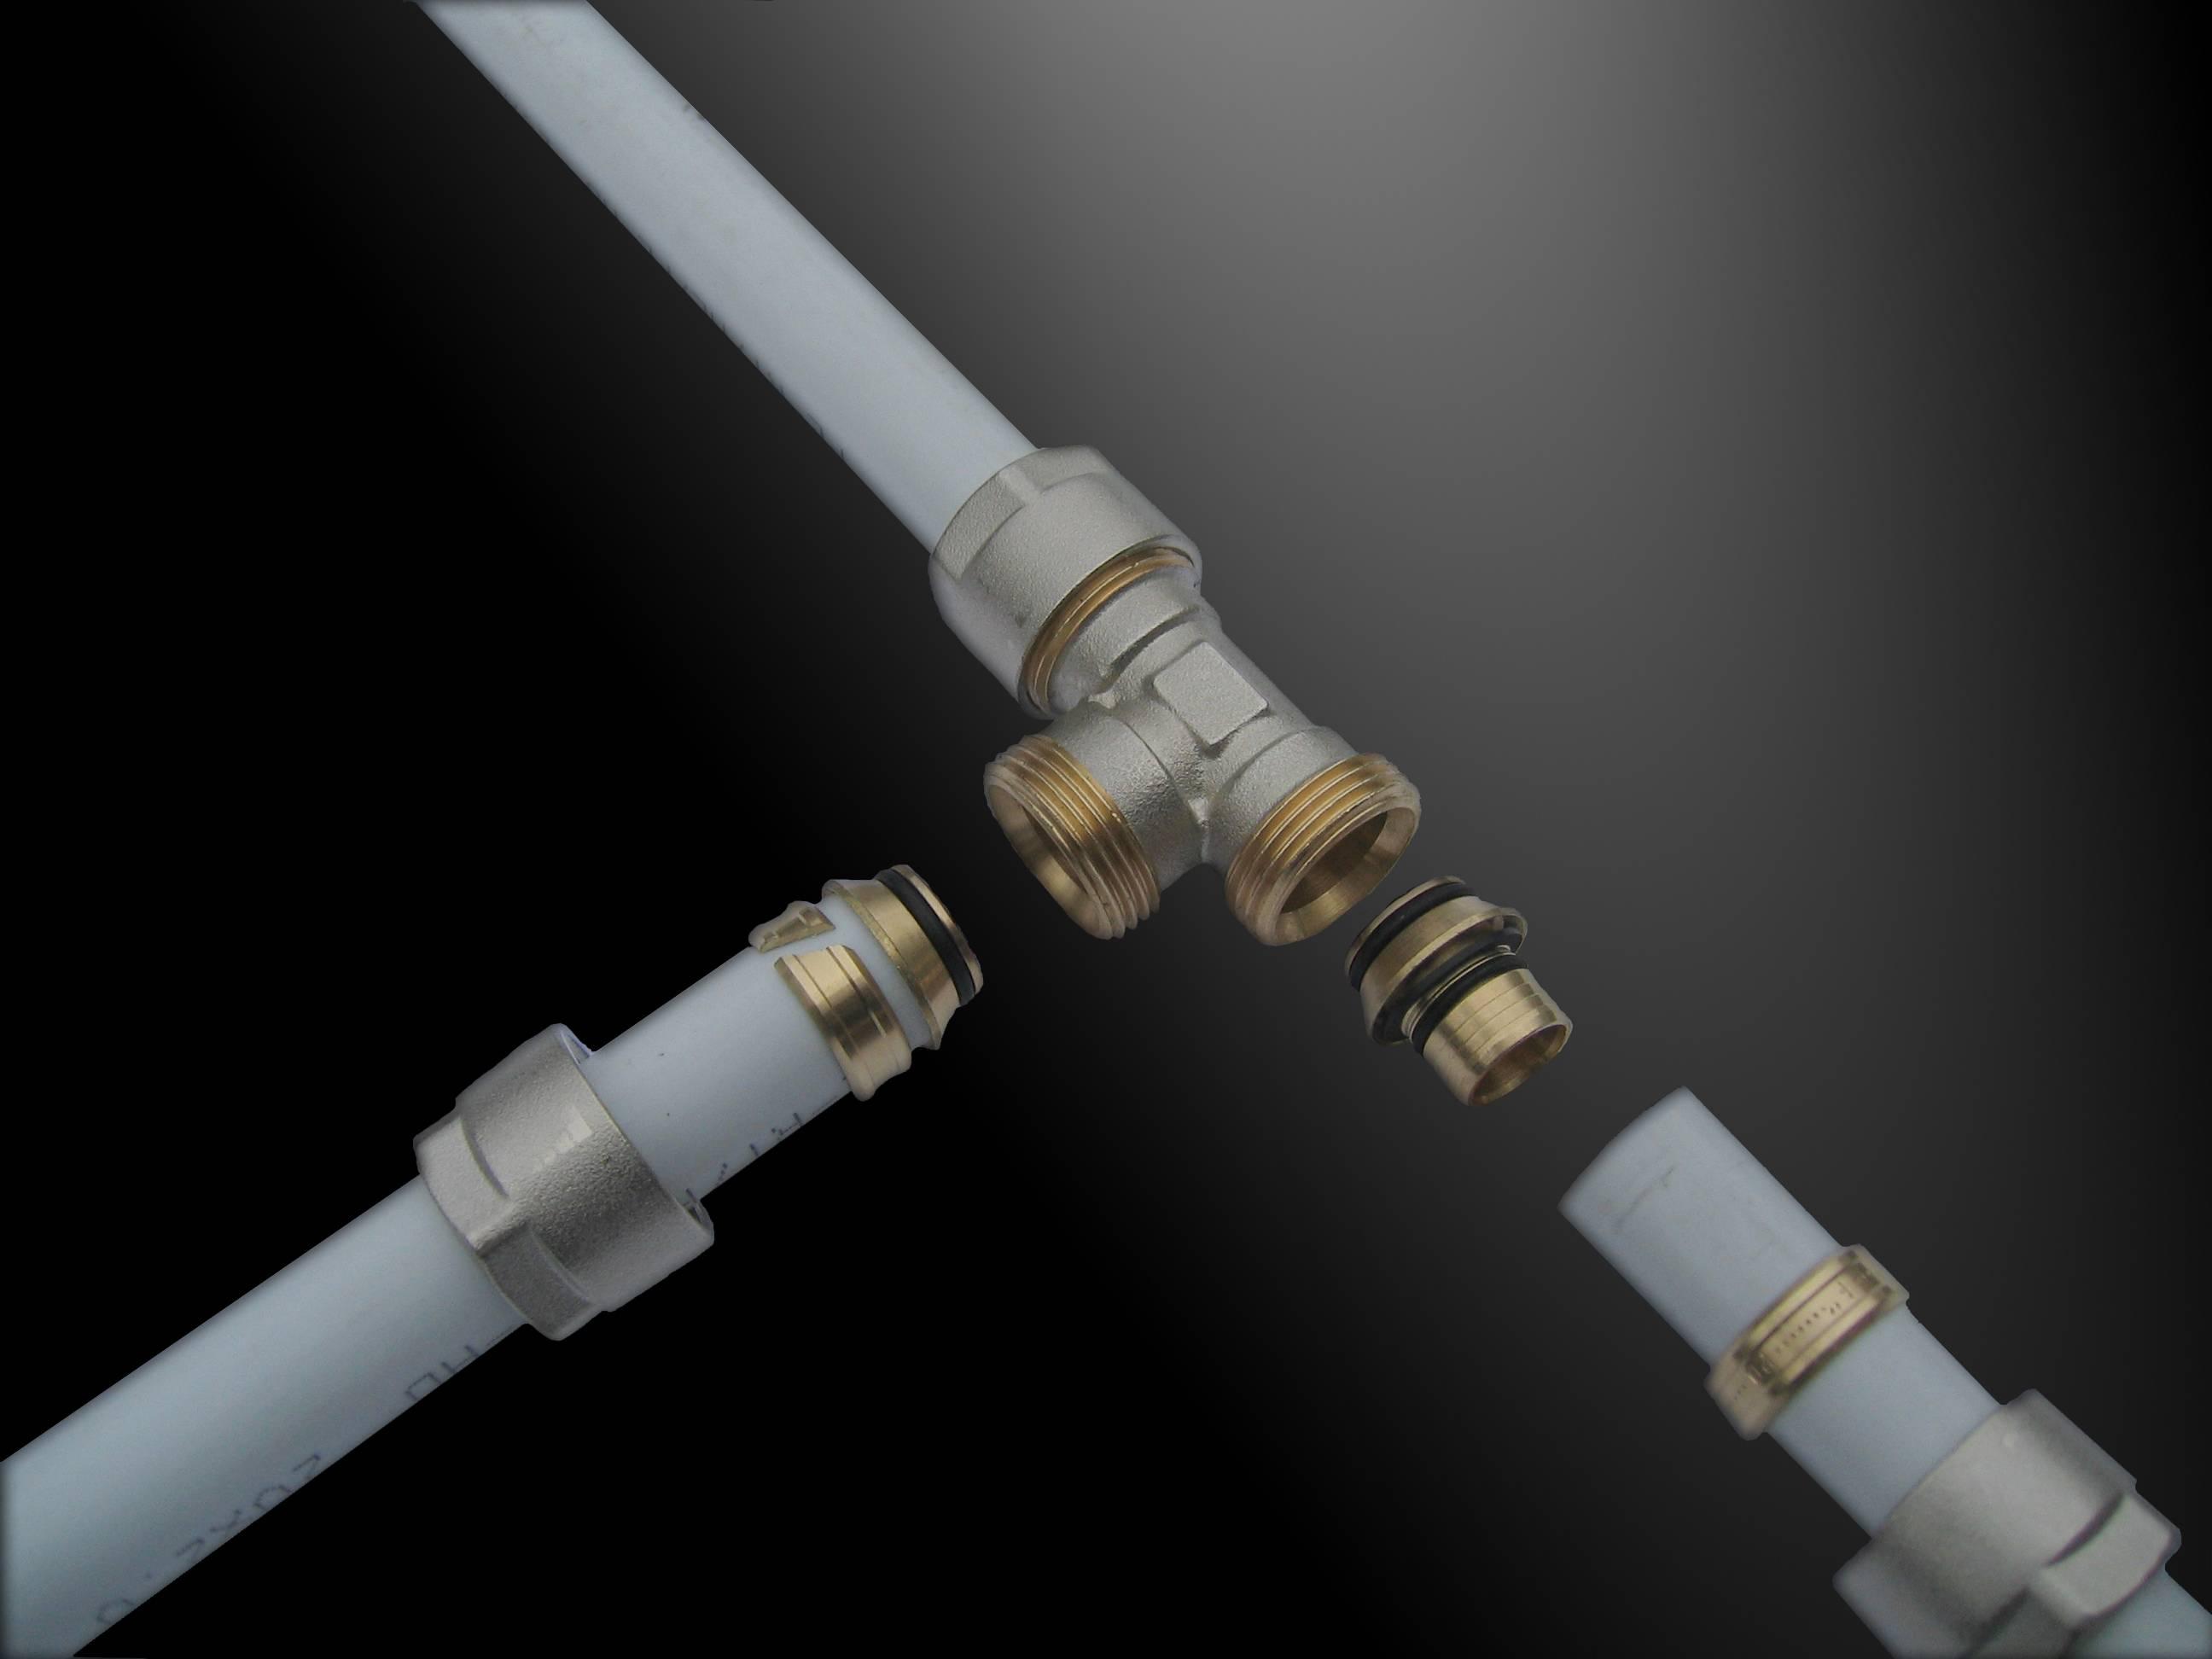 Монтаж труб из сшитого полиэтилена: виды соединения, инструкция как сделать своими руками